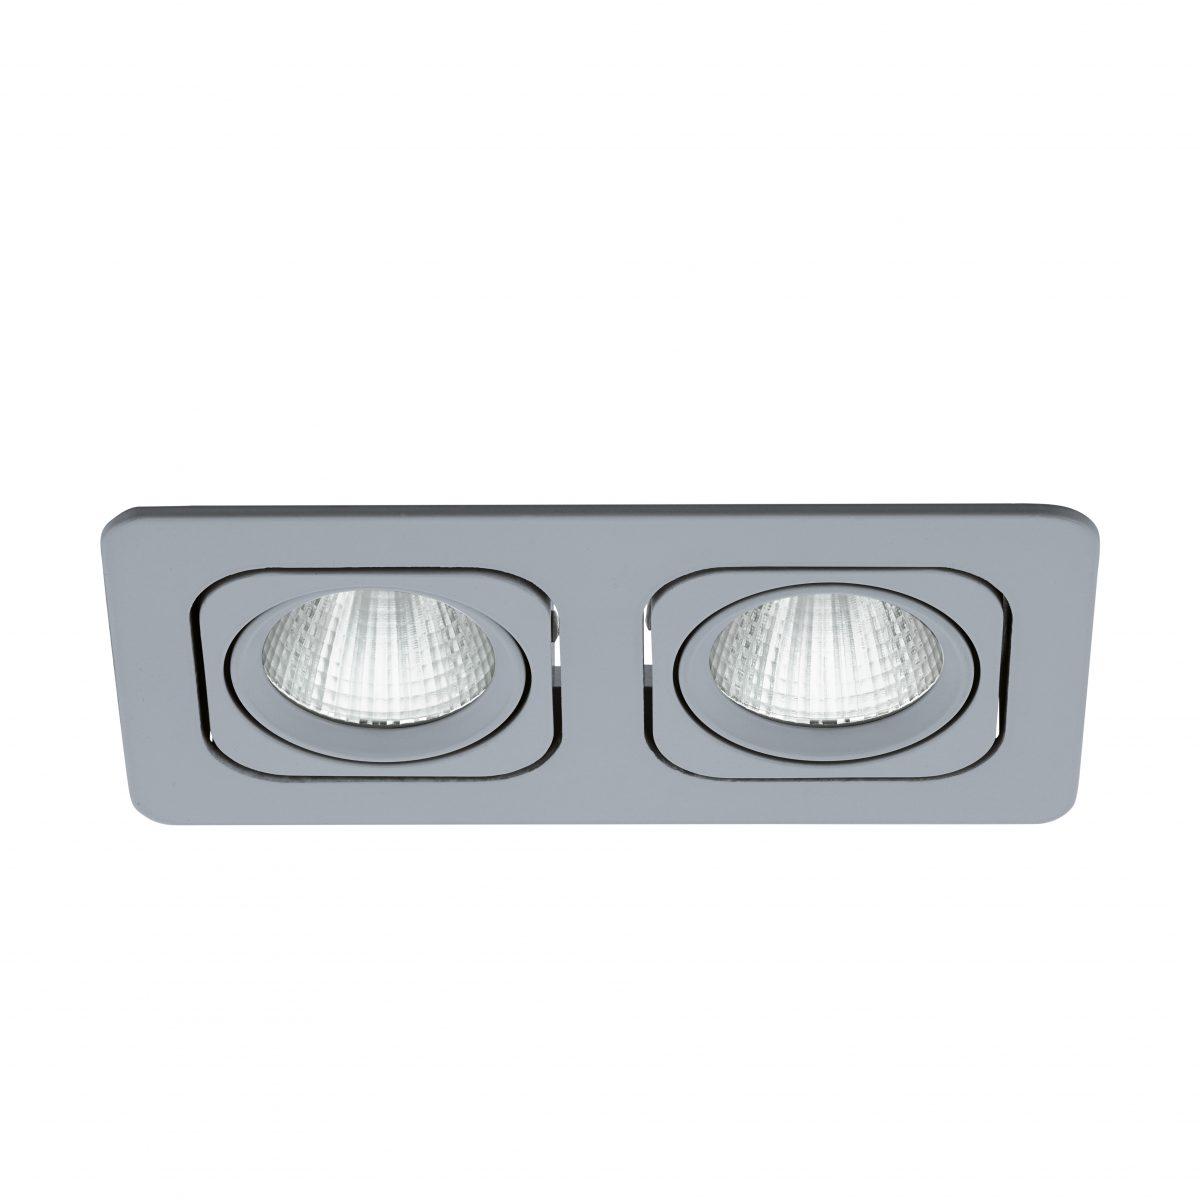 Светильник настенно-потолочный VASCELLO/PROFESSION EGLO 61645 - Фото №28